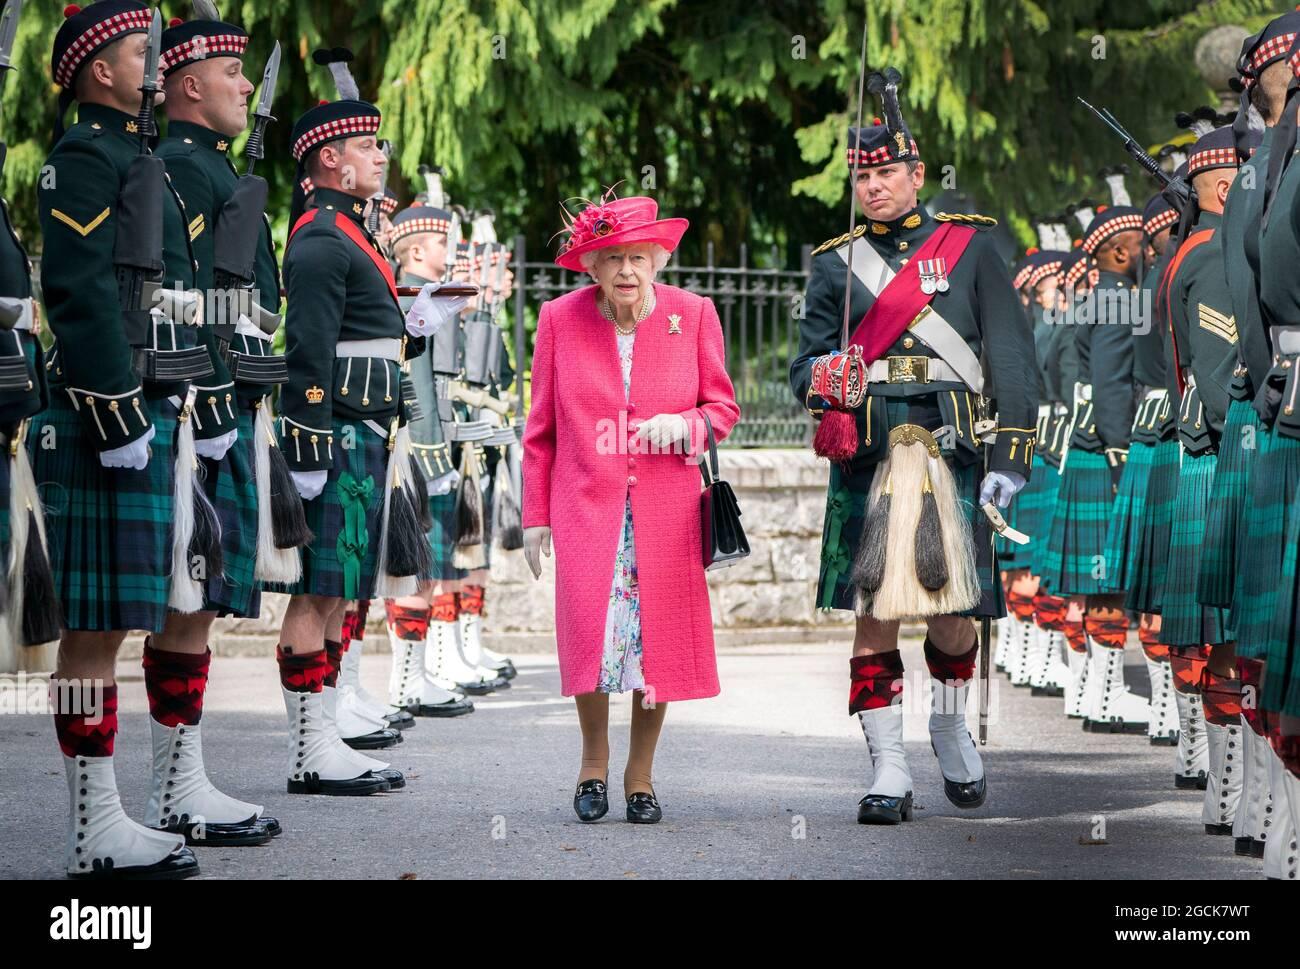 Regina Elisabetta II durante un'ispezione della Compagnia Balaklava, 5 Battaglione il reggimento reale della Scozia alle porte di Balmoral, come lei prende la residenza estiva presso il castello. Data immagine: Lunedì 9 agosto 2021. Foto Stock